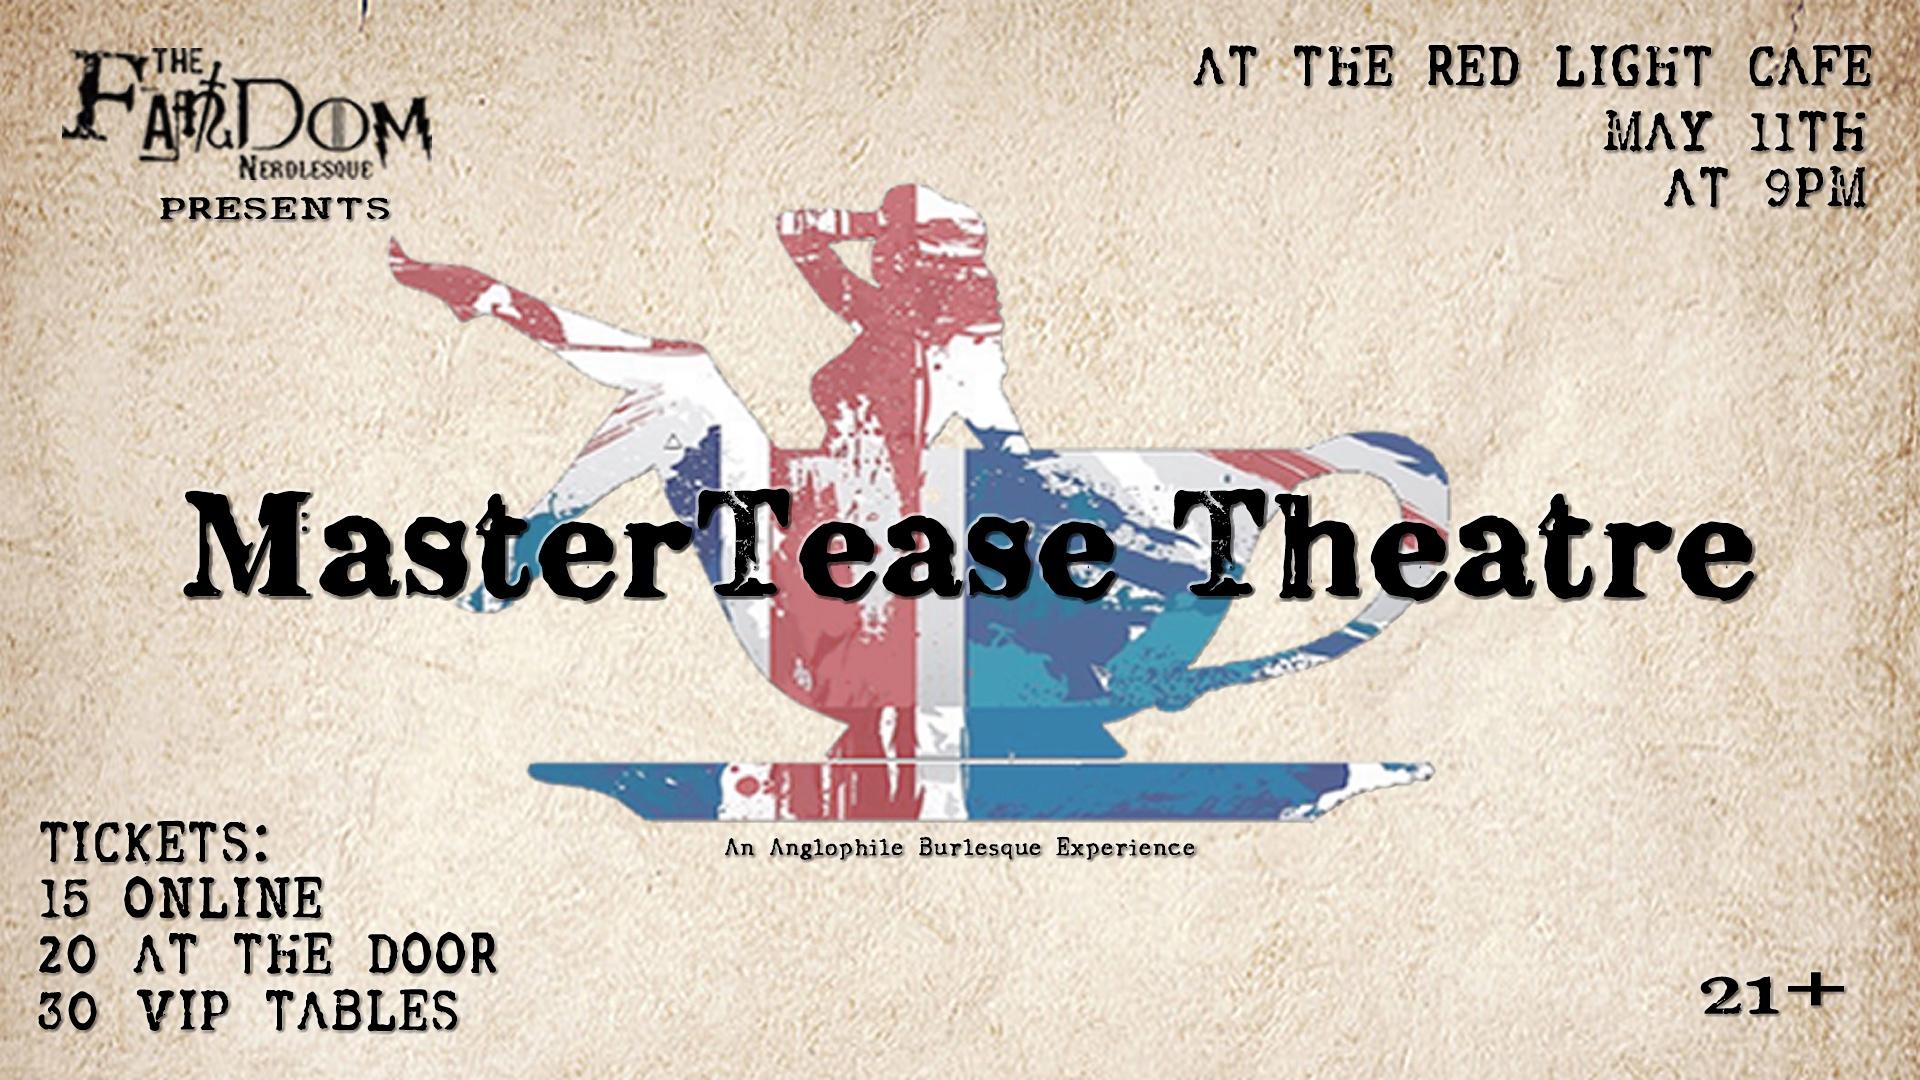 The Fandom Nerdlesque's MasterTease Theatre: A Spot of Tease — May 11, 2019 — Red Light Café, Atlanta, GA